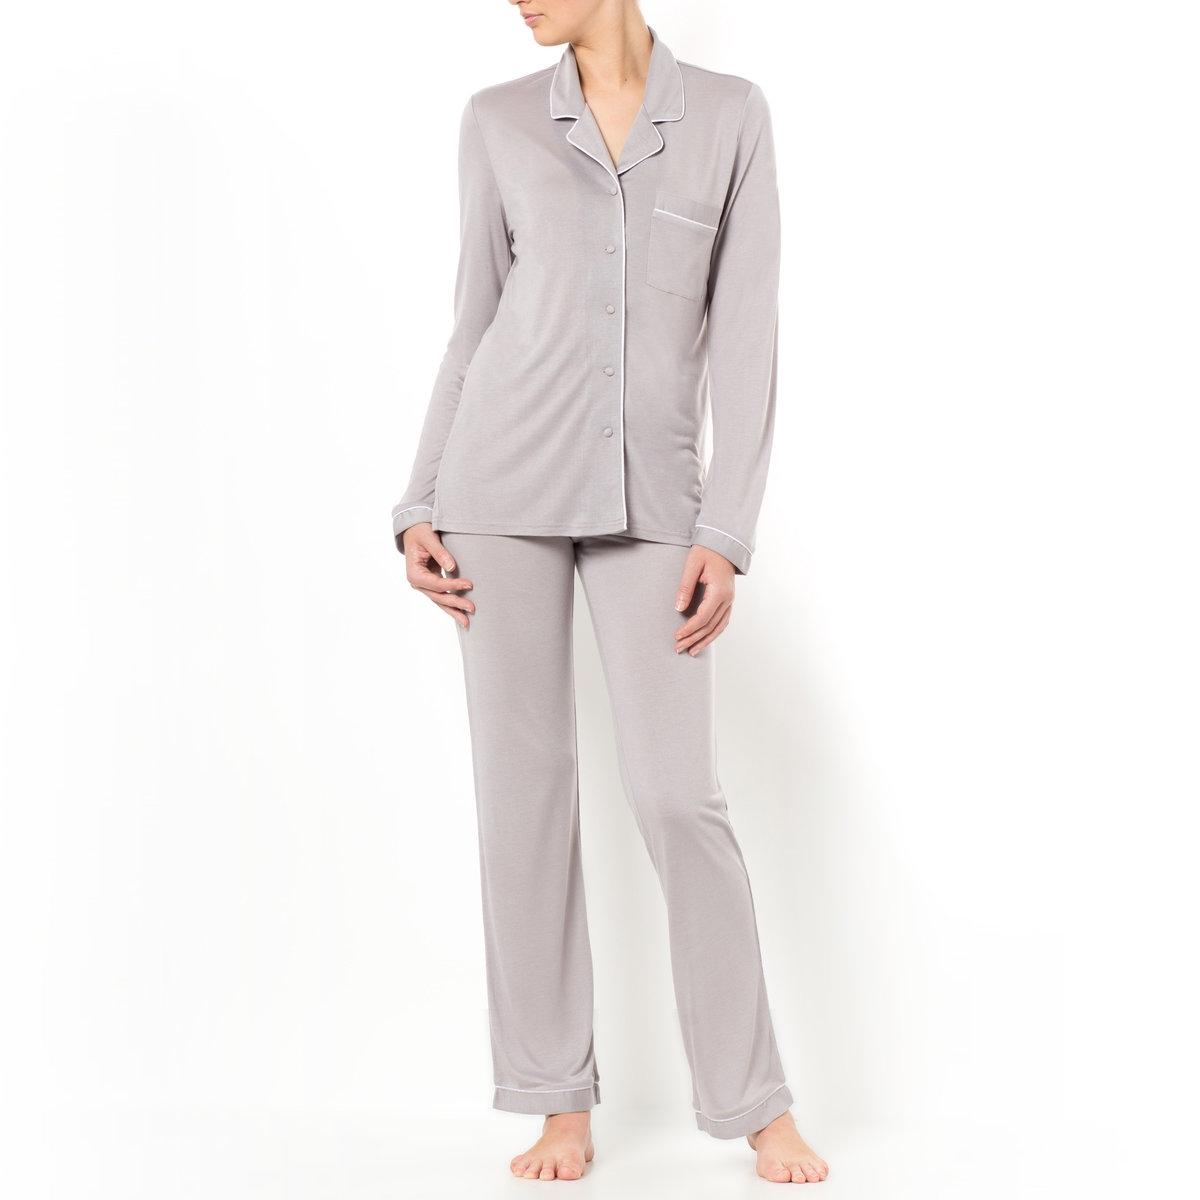 Пижама из модалаЖакет с кроенным воротником: длинные рукава, плоский нагрудный карман. Длина ок. 67 см.Брюки: эластичный пояс. Длина по внутр. шву ок. 76 см.      Пижама из 100% модала, машинная стирка при 30°.<br><br>Цвет: серый